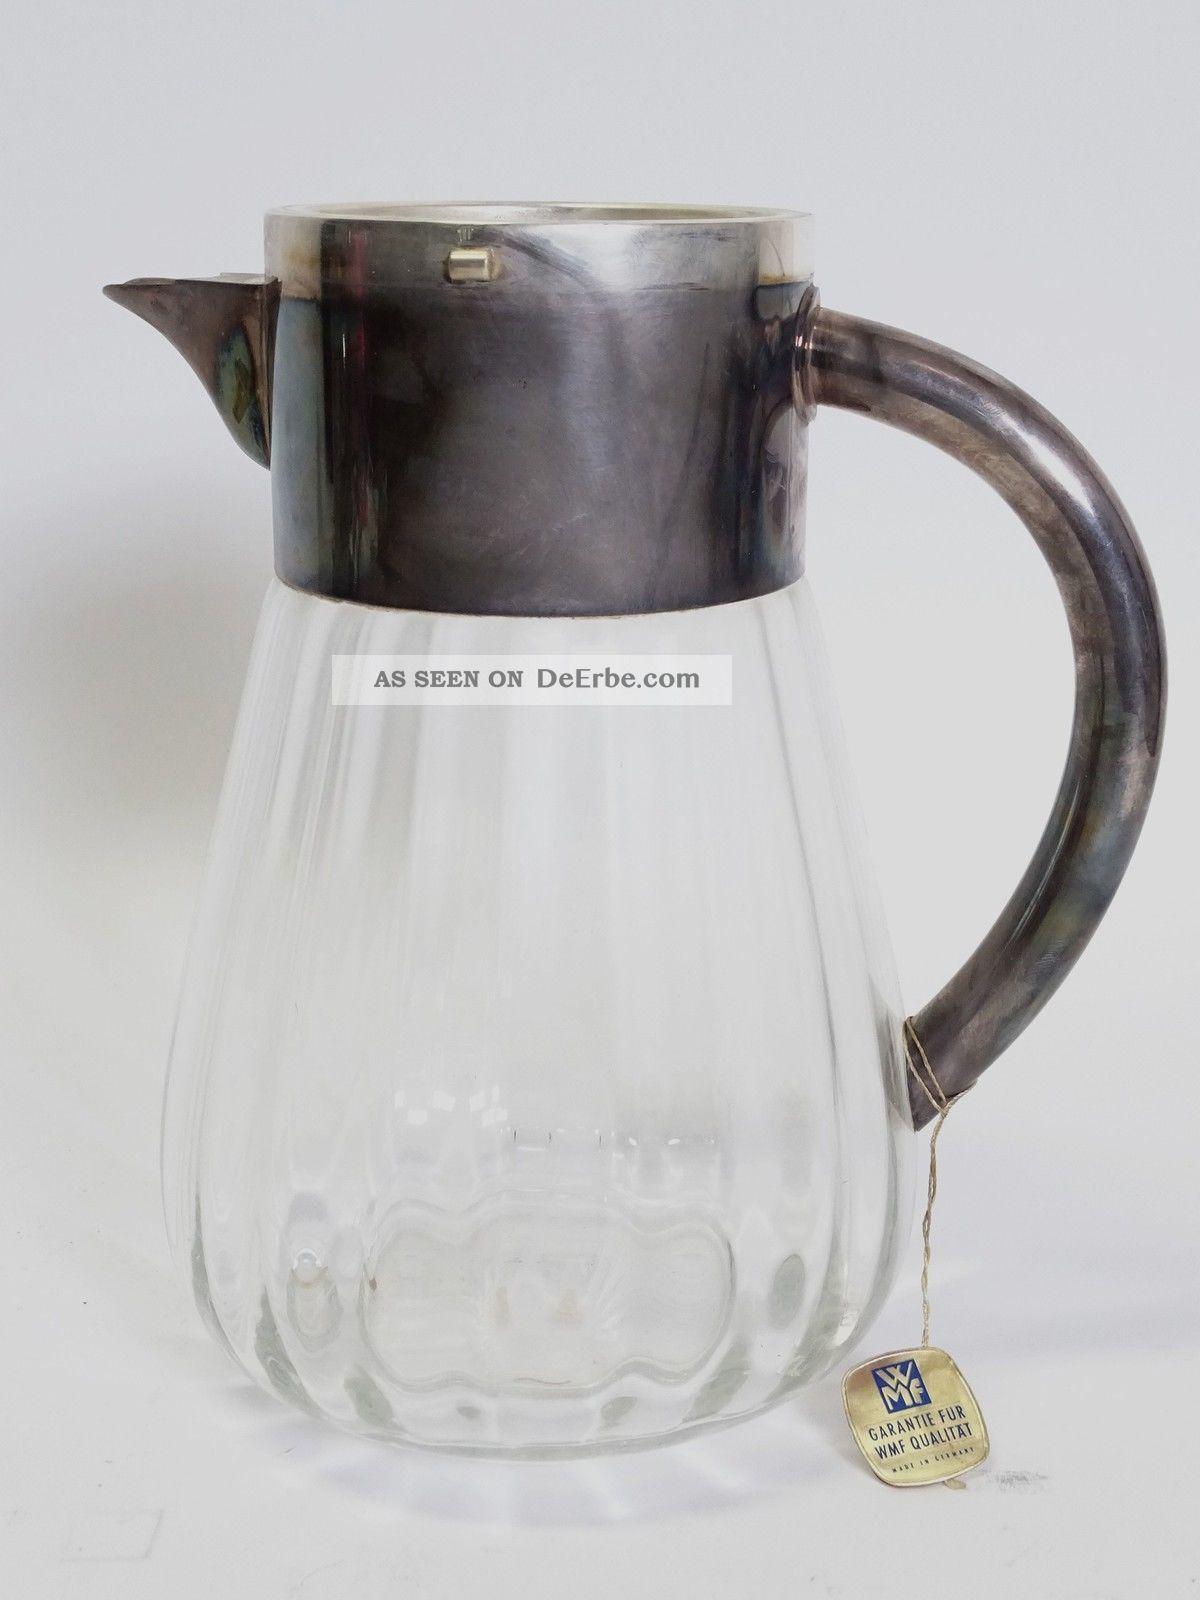 Vintage Wmf Kalte Ente Blei Kristall Glas Karaffe Mit Kühleinsatz Kristall Bild